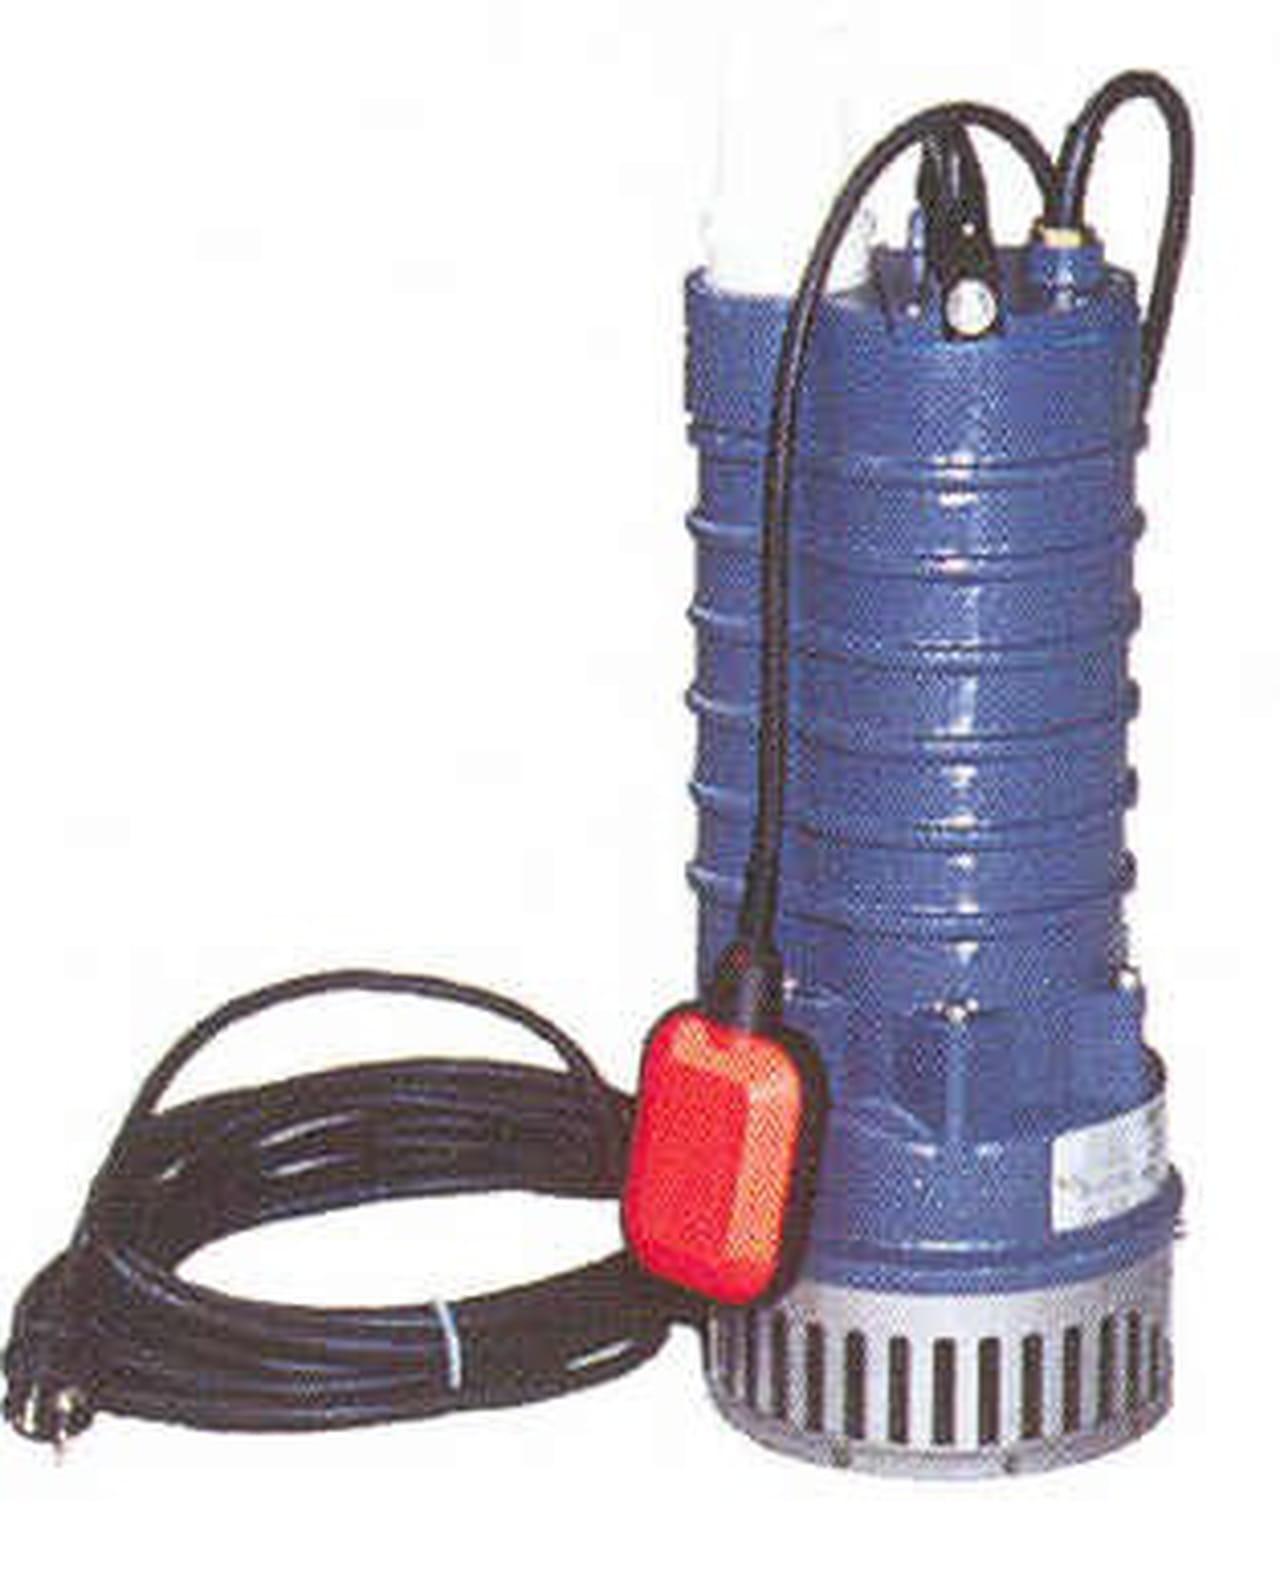 Pompe immerg e lectrique 60 m3 h - Pompe de transvasement electrique ...